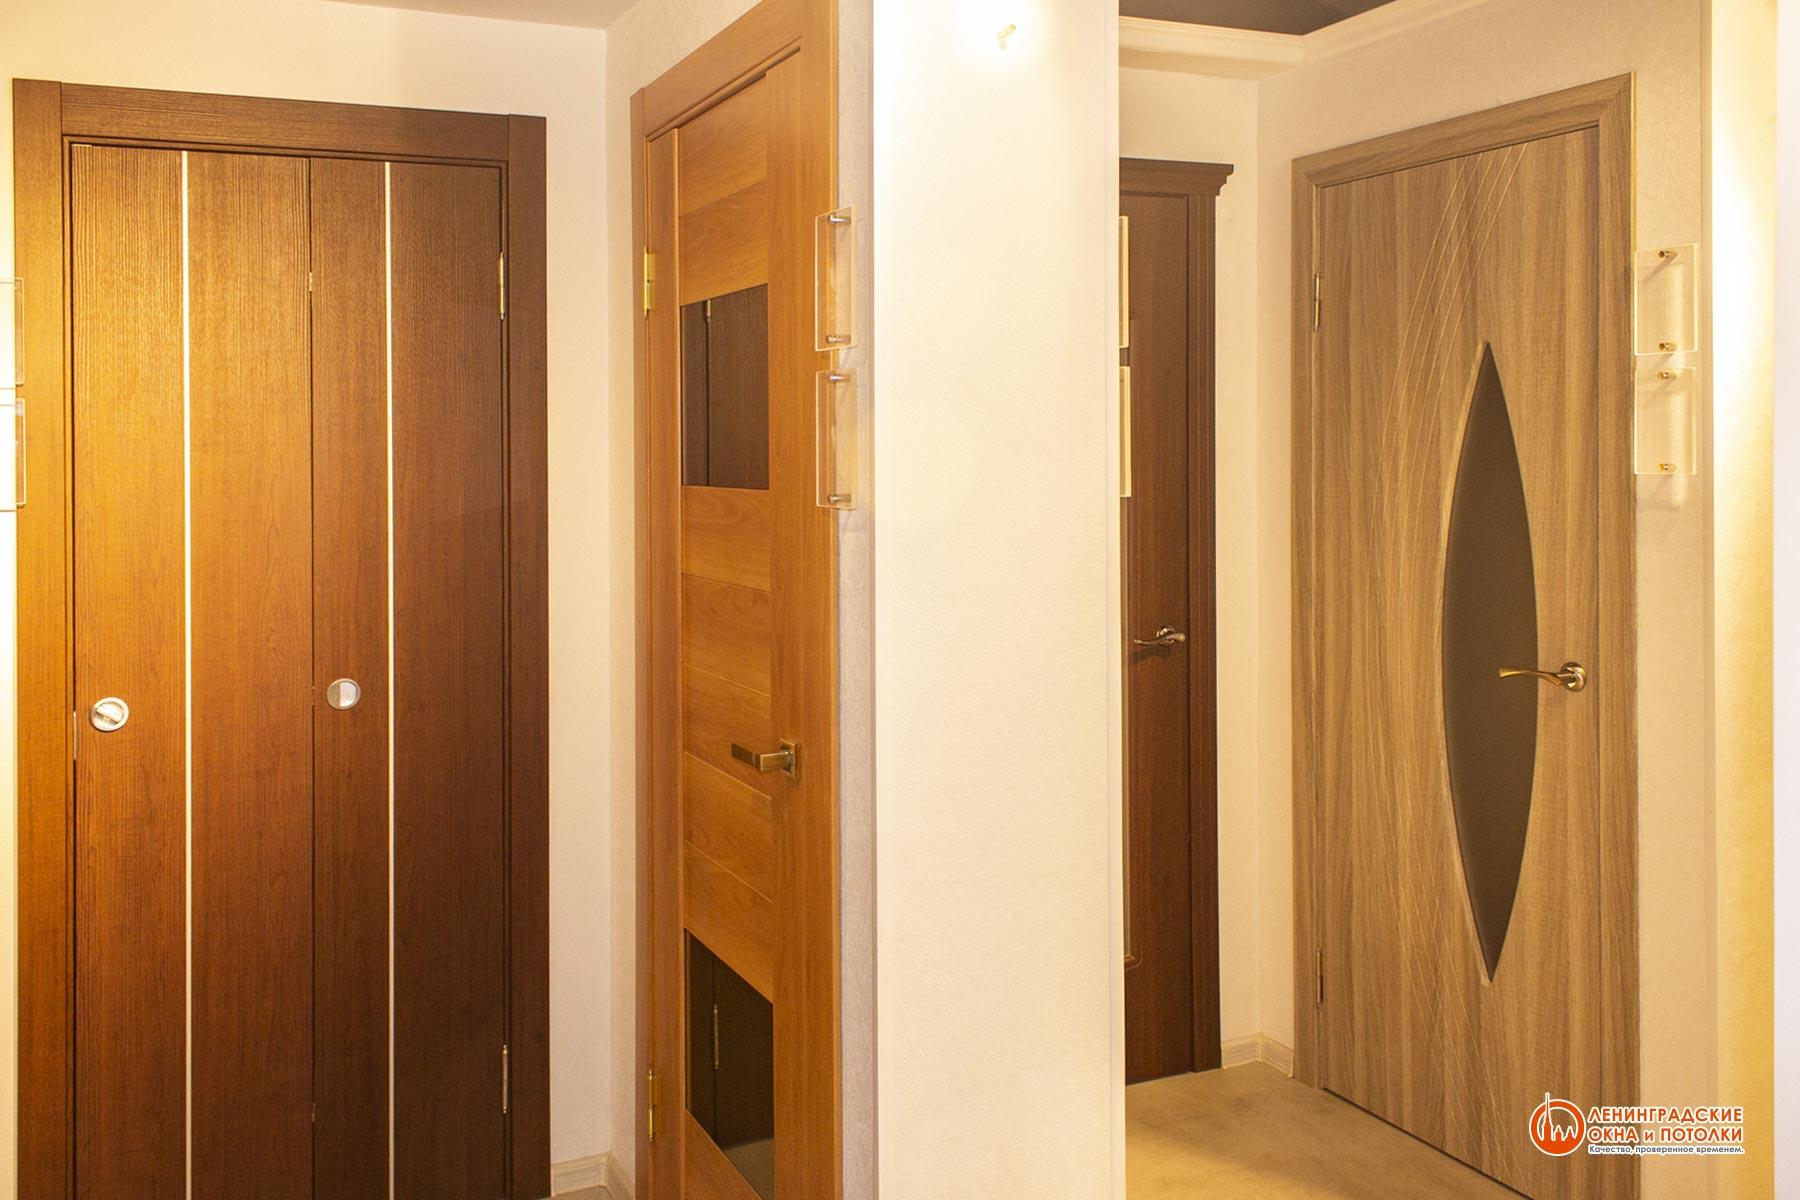 Шпонированные межкомнатные двери в Екатеринбурге от 3